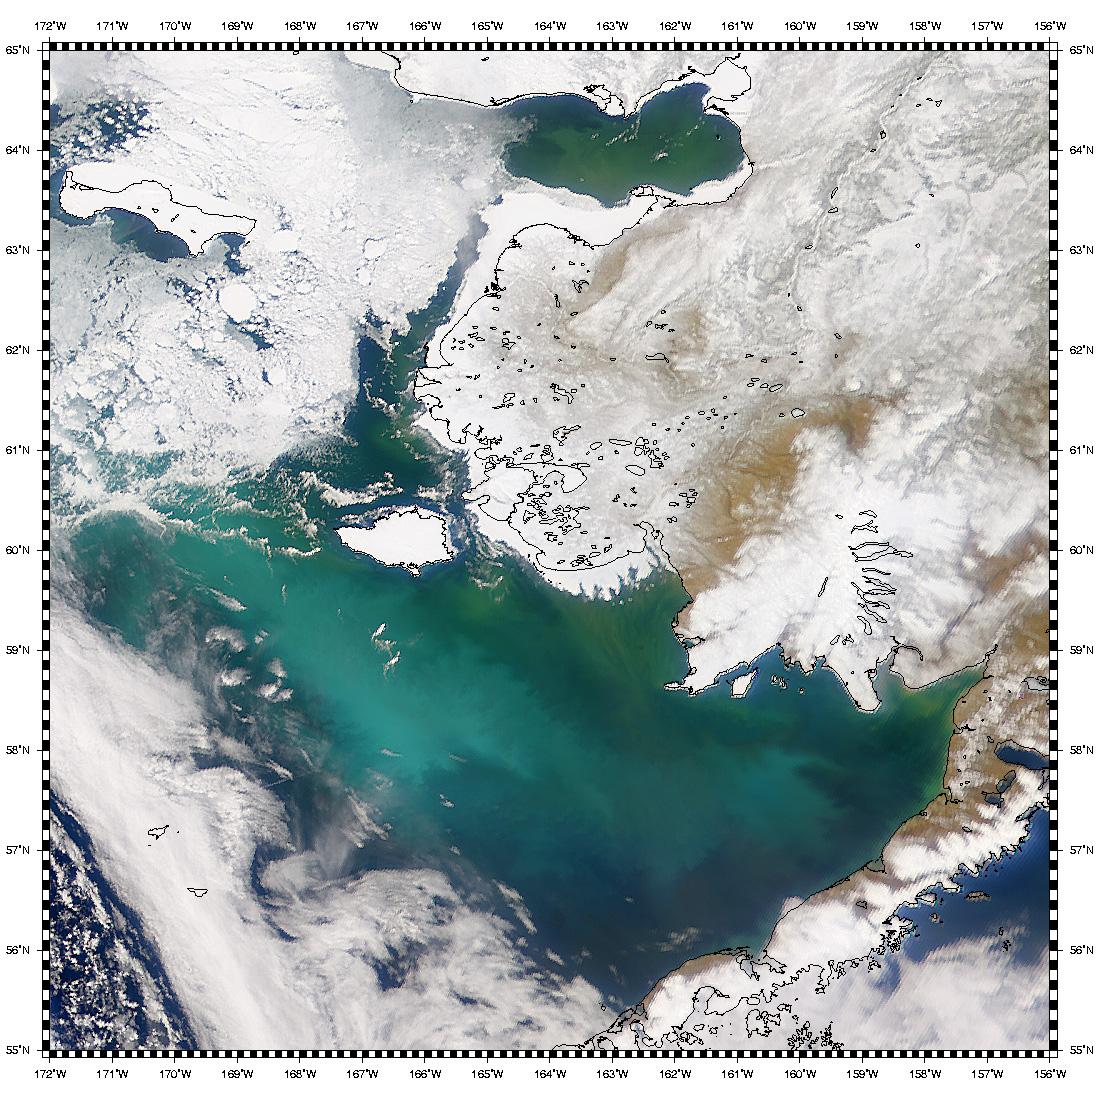 Nueva proliferación de Coccolithus pelagicus en el Mar de Bering